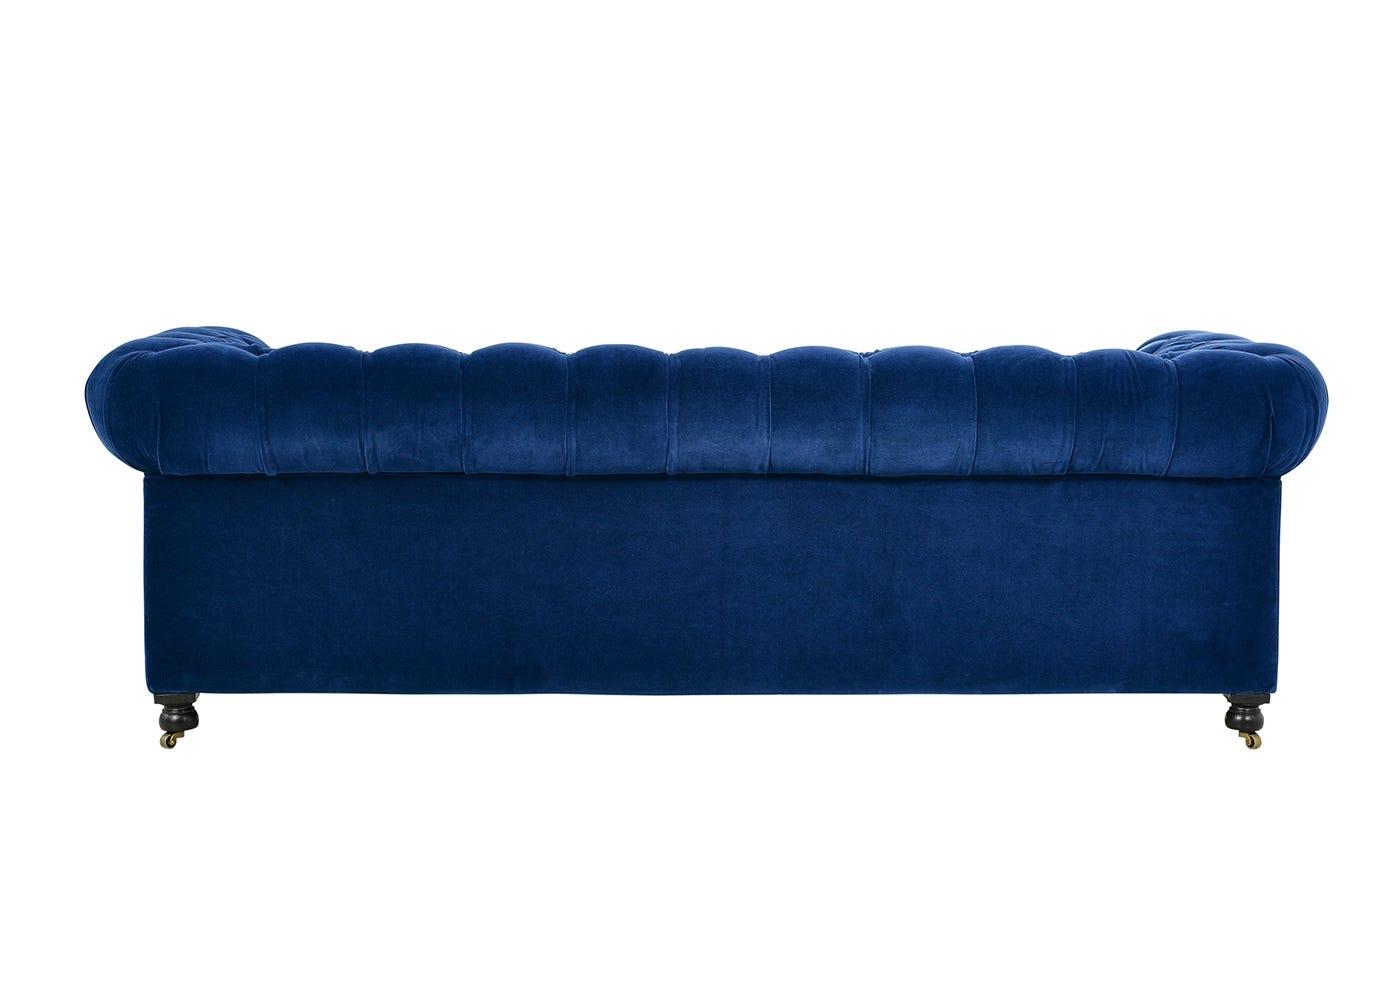 Serpentine 3 Seater Sofa Revival Velvet Navy - Back View